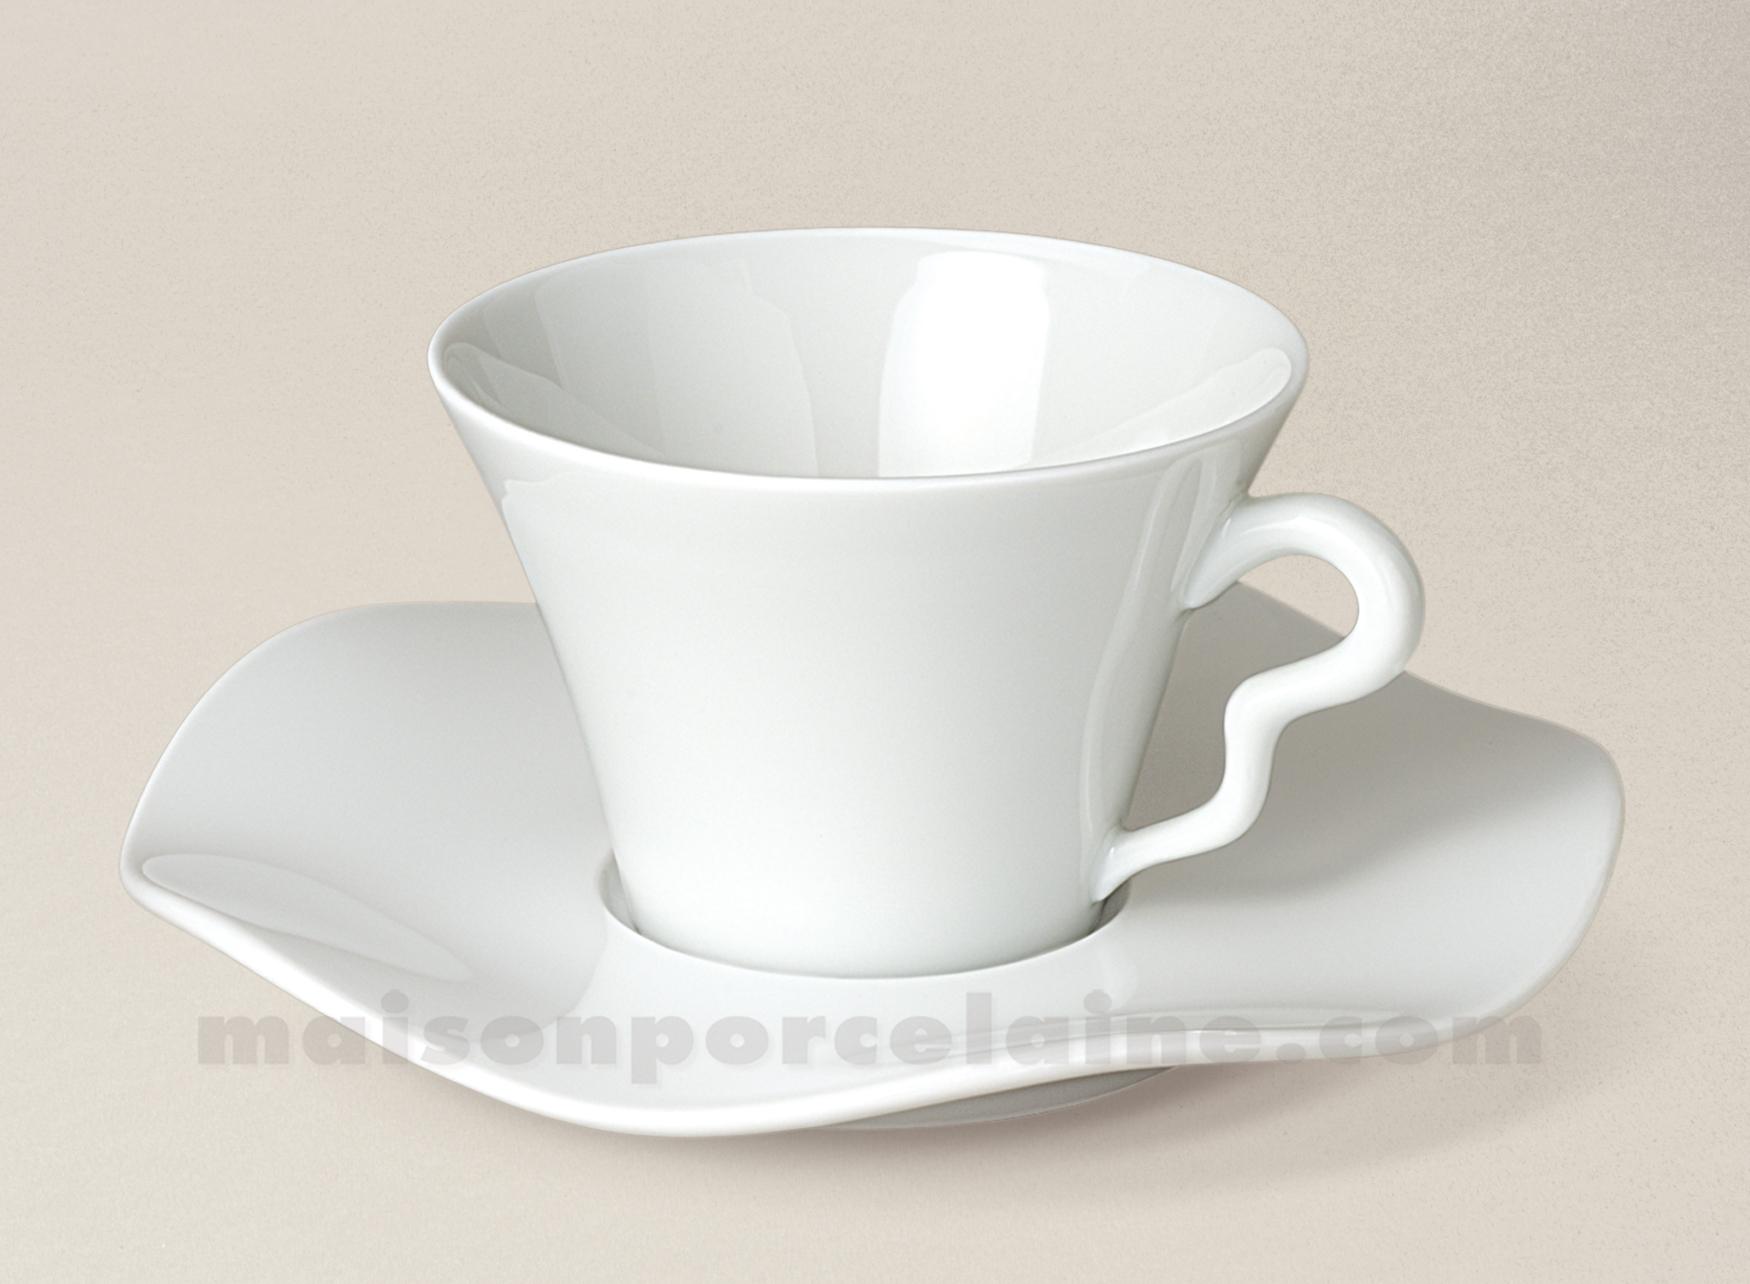 tasse the soucoupe limoges porcelaine blanche gala 17cl. Black Bedroom Furniture Sets. Home Design Ideas